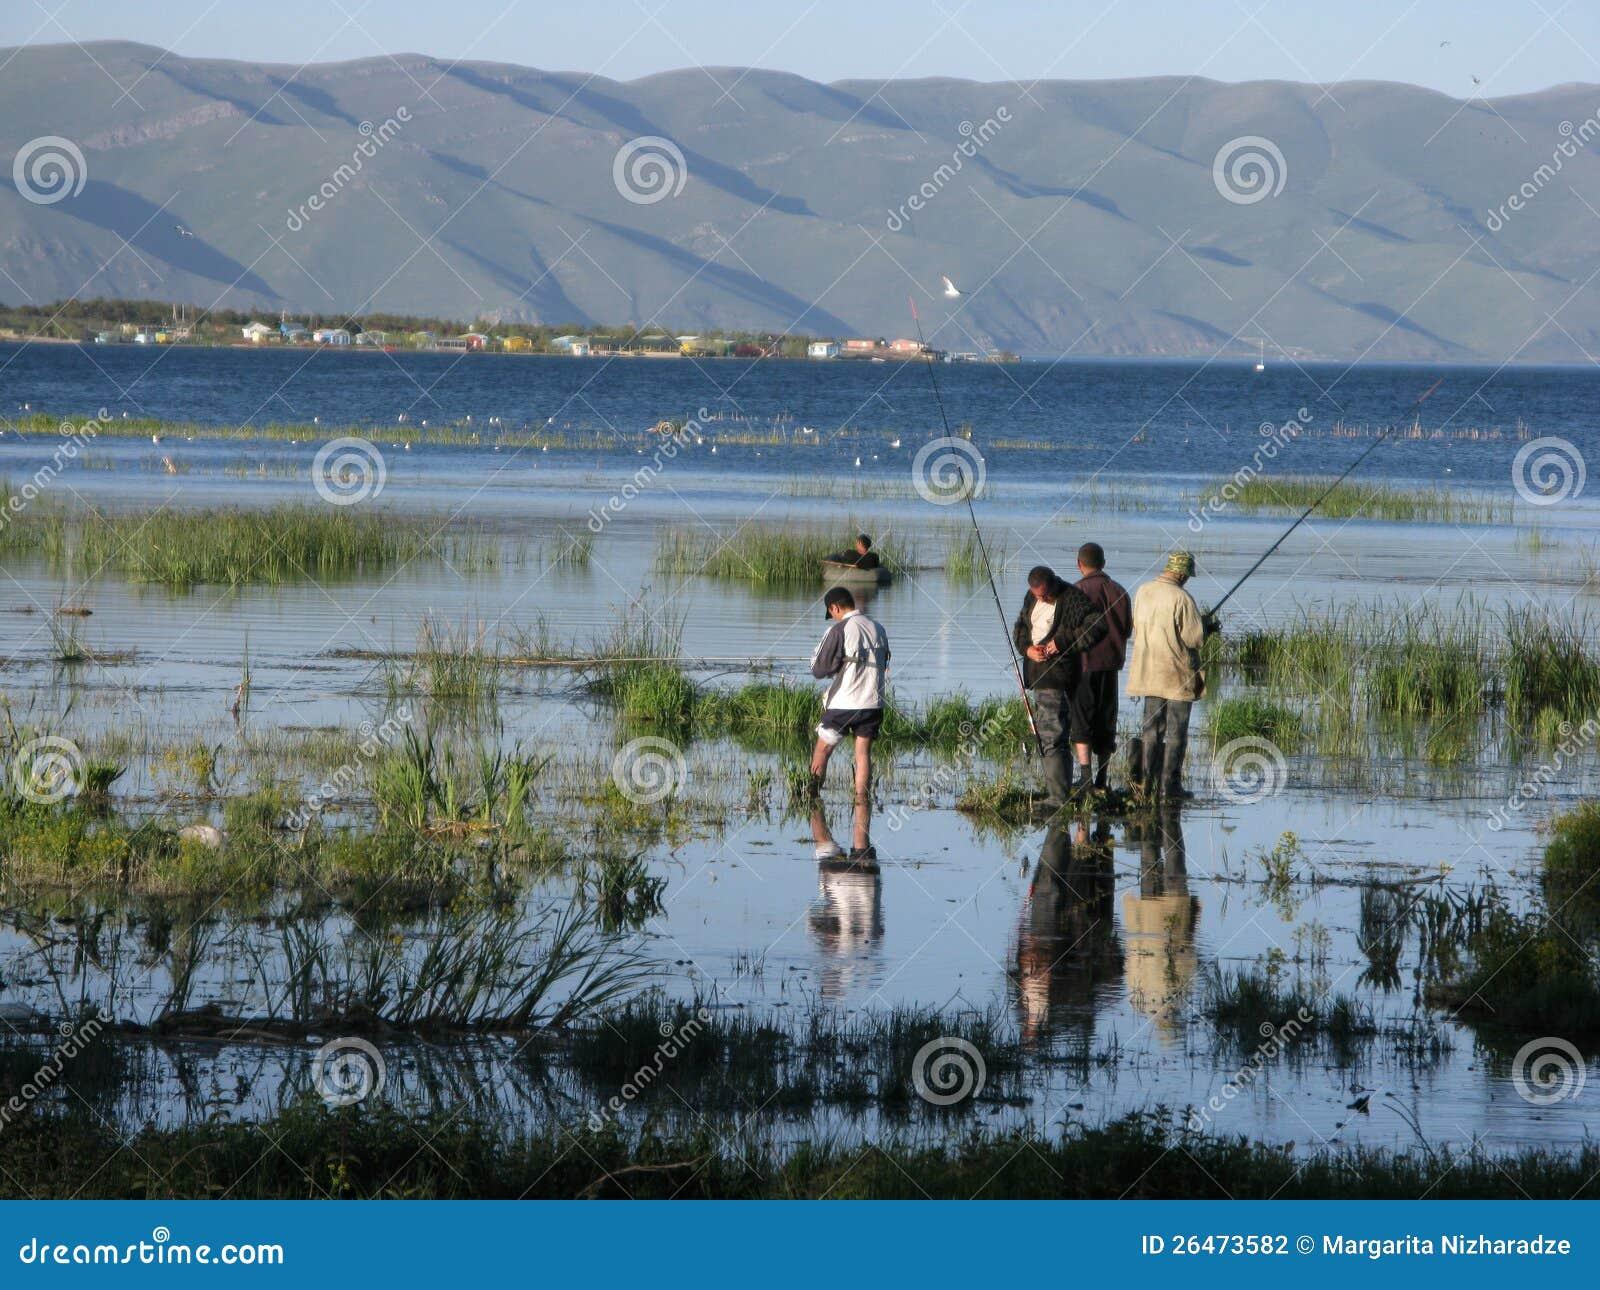 Fishing on Lake Sevan